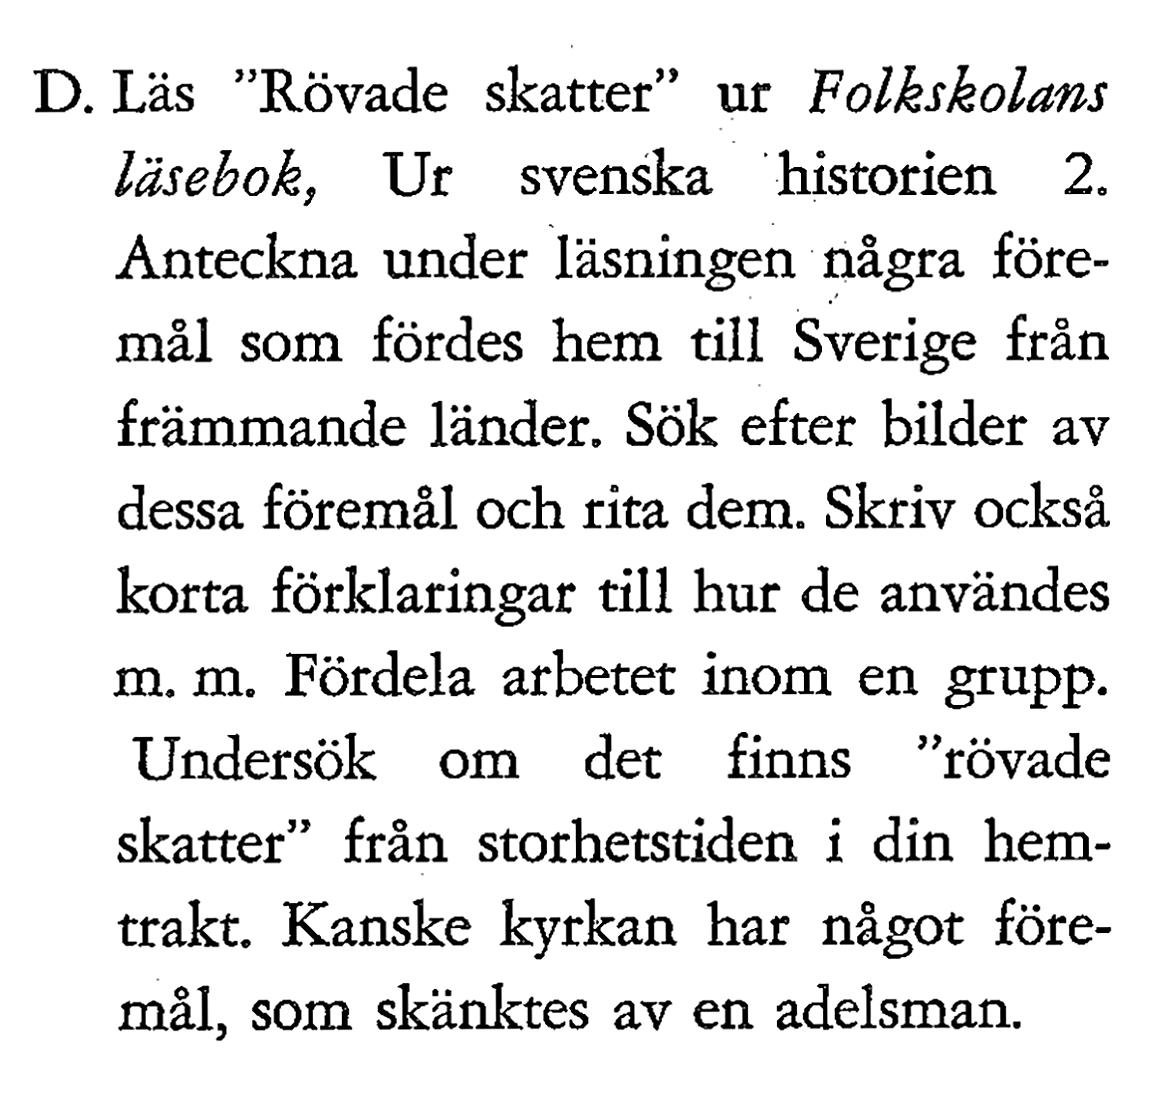 Bild 5: Björkblom, Dusing och von Horn 1963, s 168